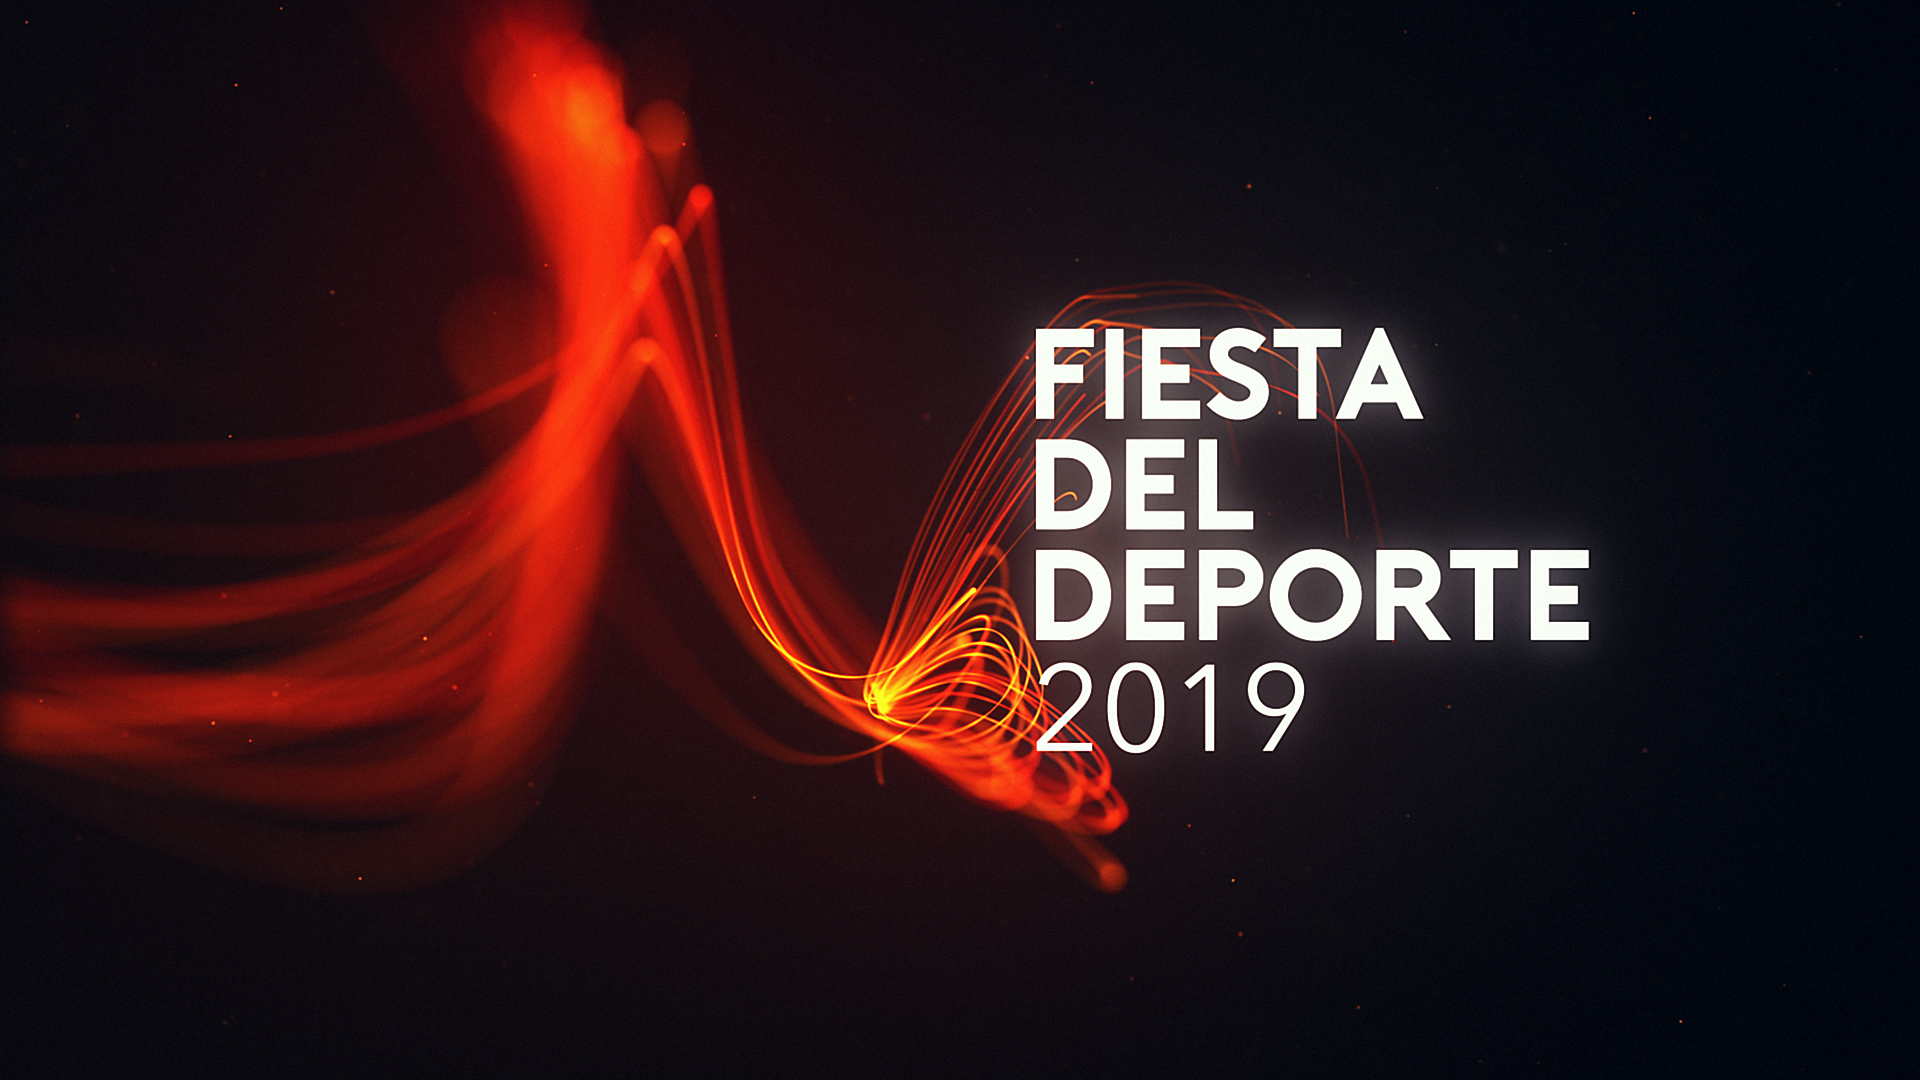 BASE FIESTA DEL DEPORTE 2019 -- RENDER (0-00-10-15)